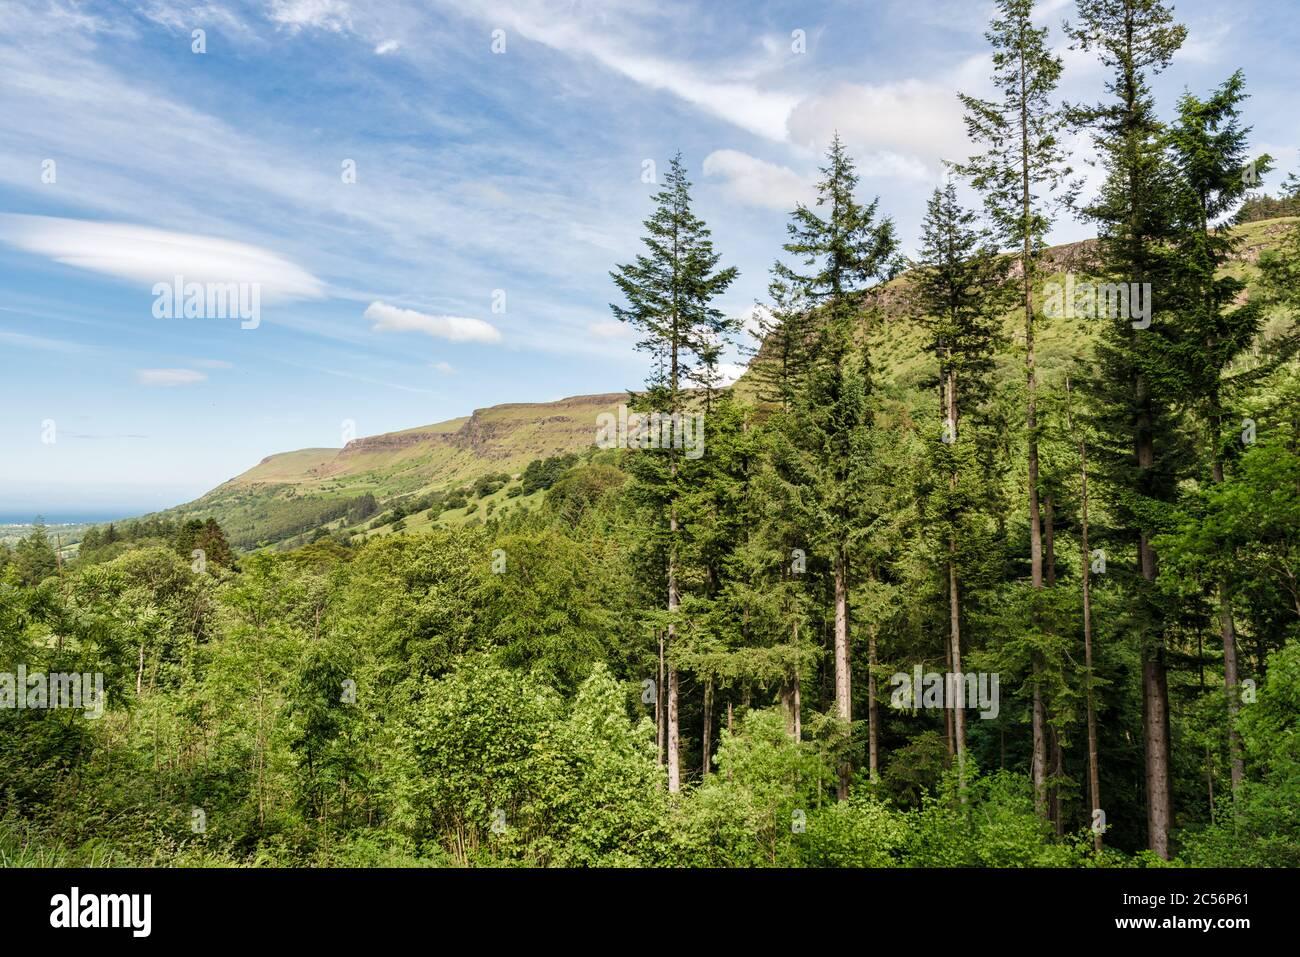 Pins dans le parc forestier de Glenariff, dans le comté d'Antrim, en Irlande du Nord Banque D'Images